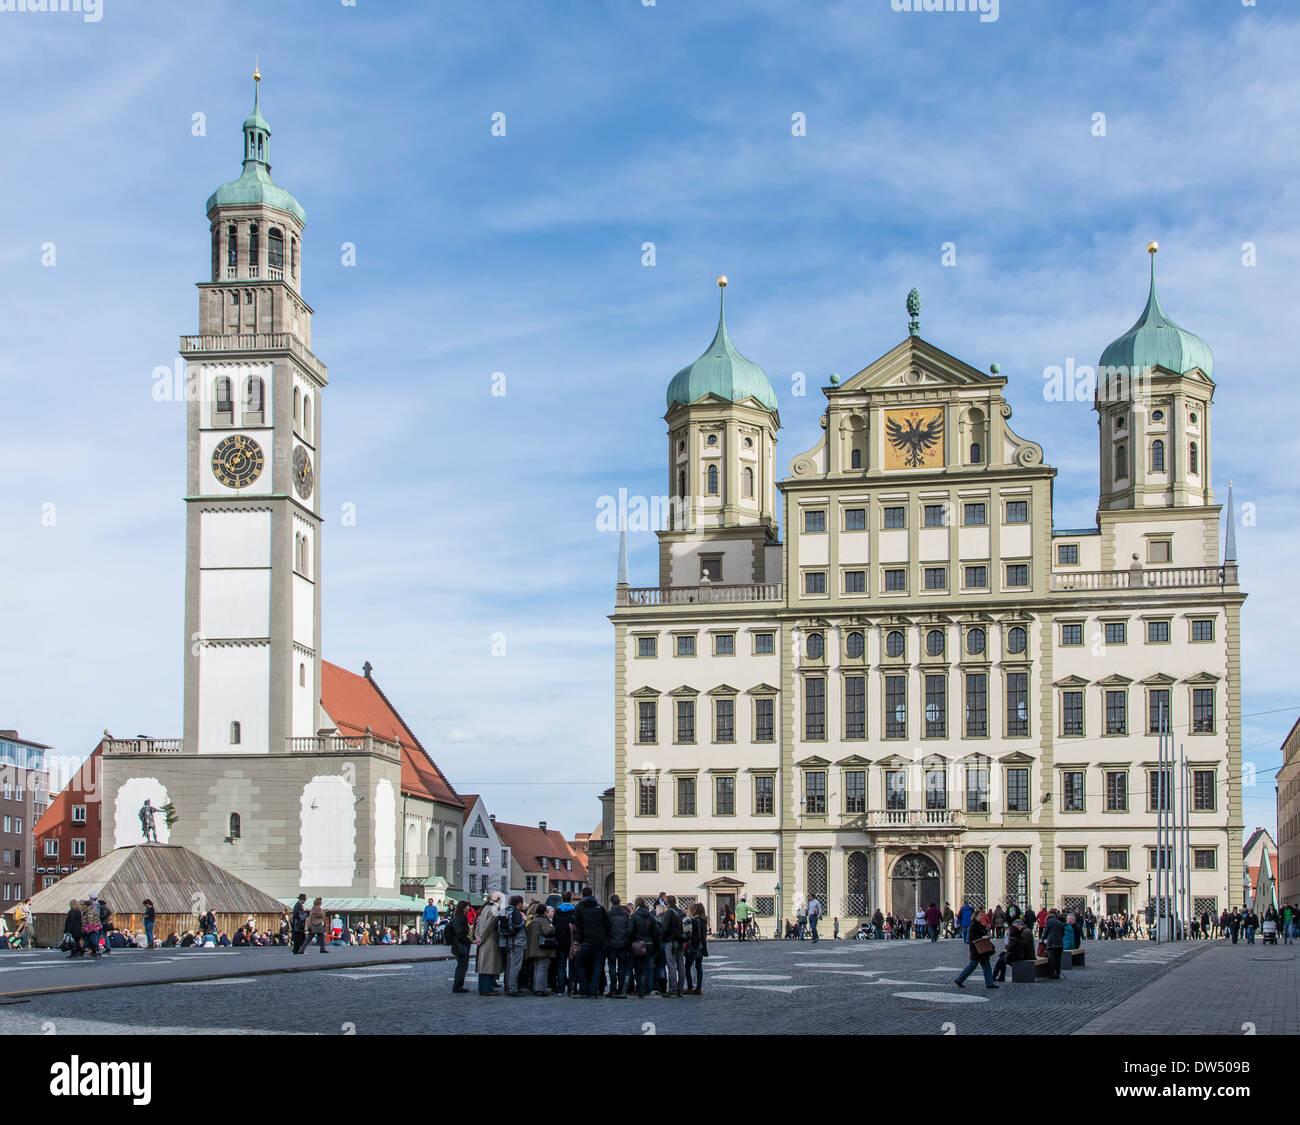 Touristen auf einem Marktplatz in Augsburg, Deutschland Stockbild